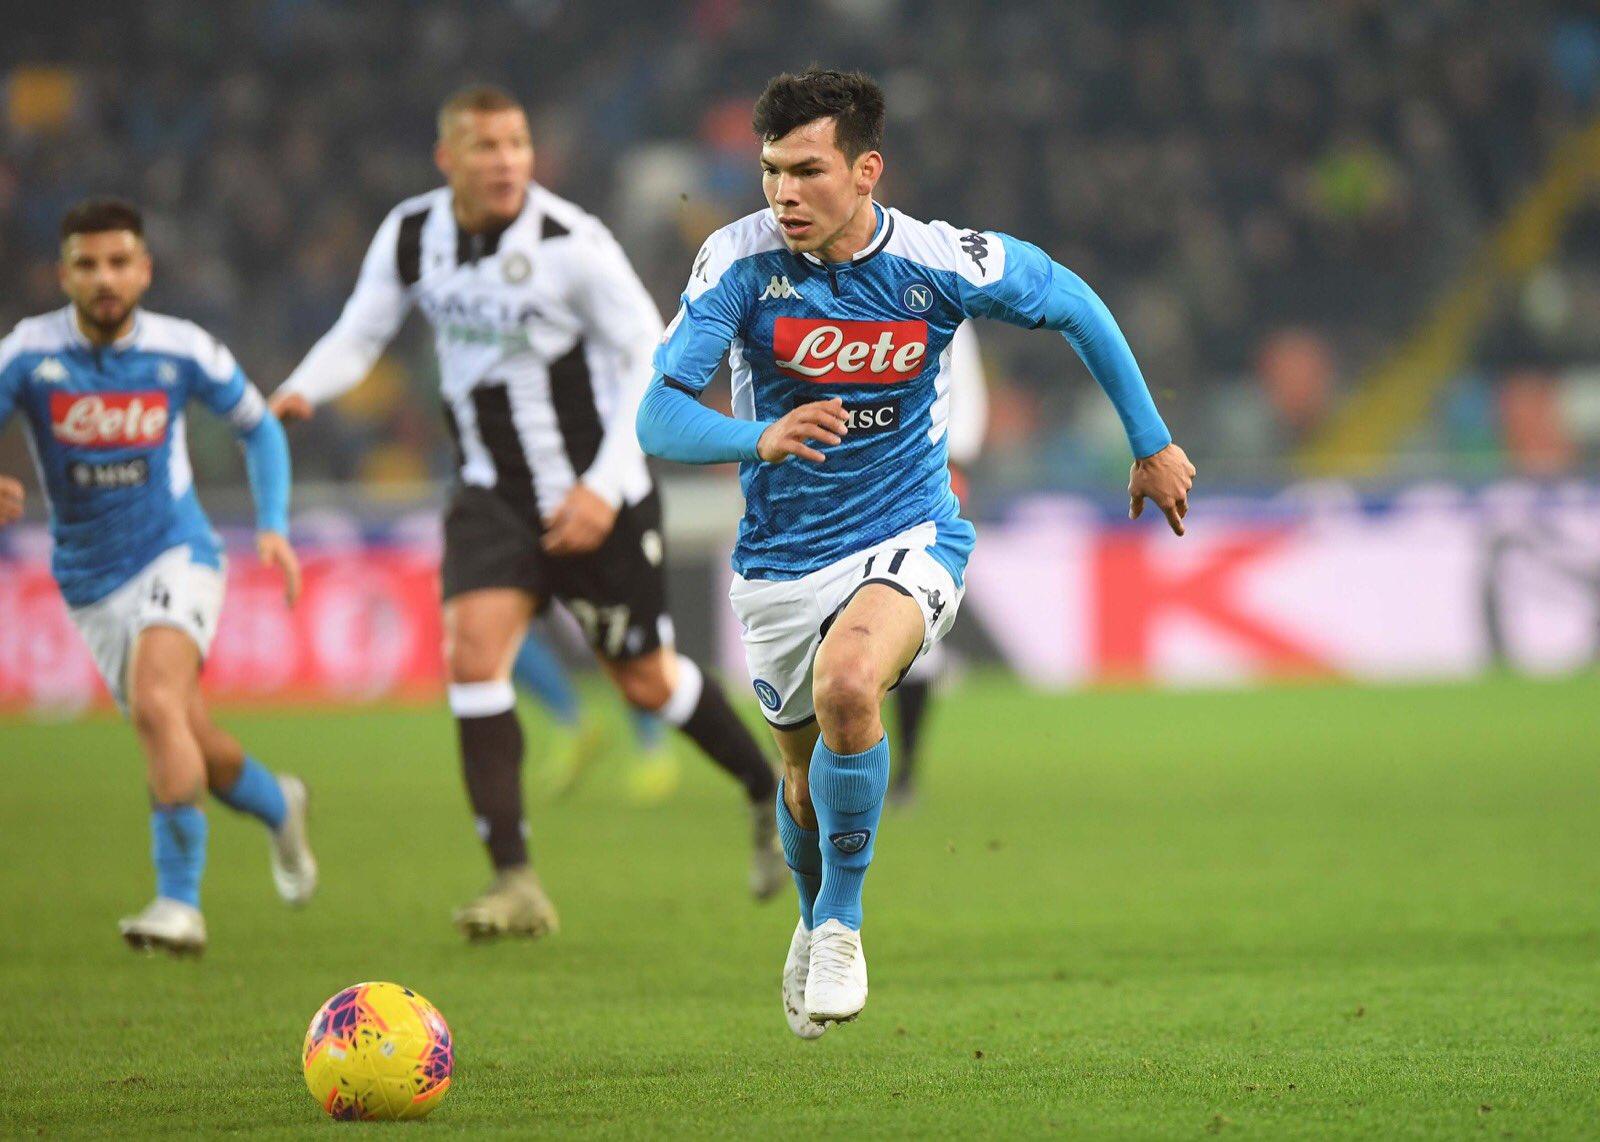 Disastro Napoli, 21 punti in 15 giornate. Eguagliato record negativo del 2007-2008